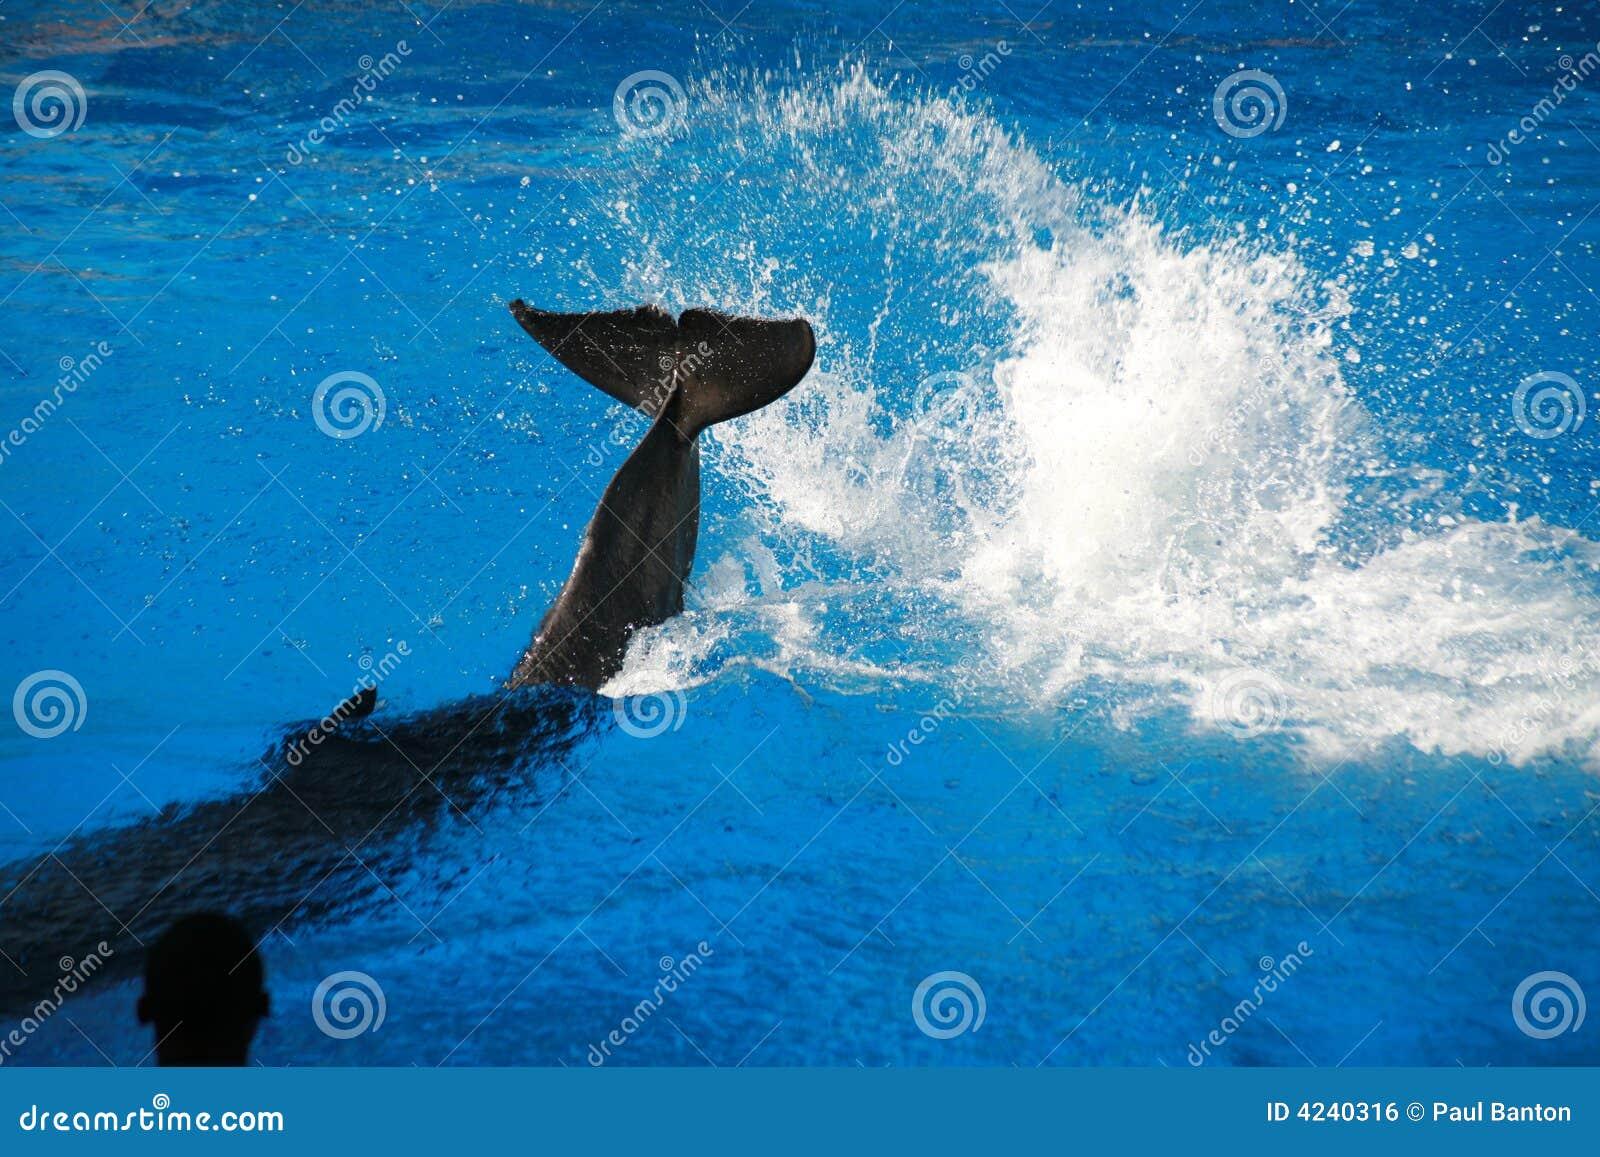 Dolphin splashing